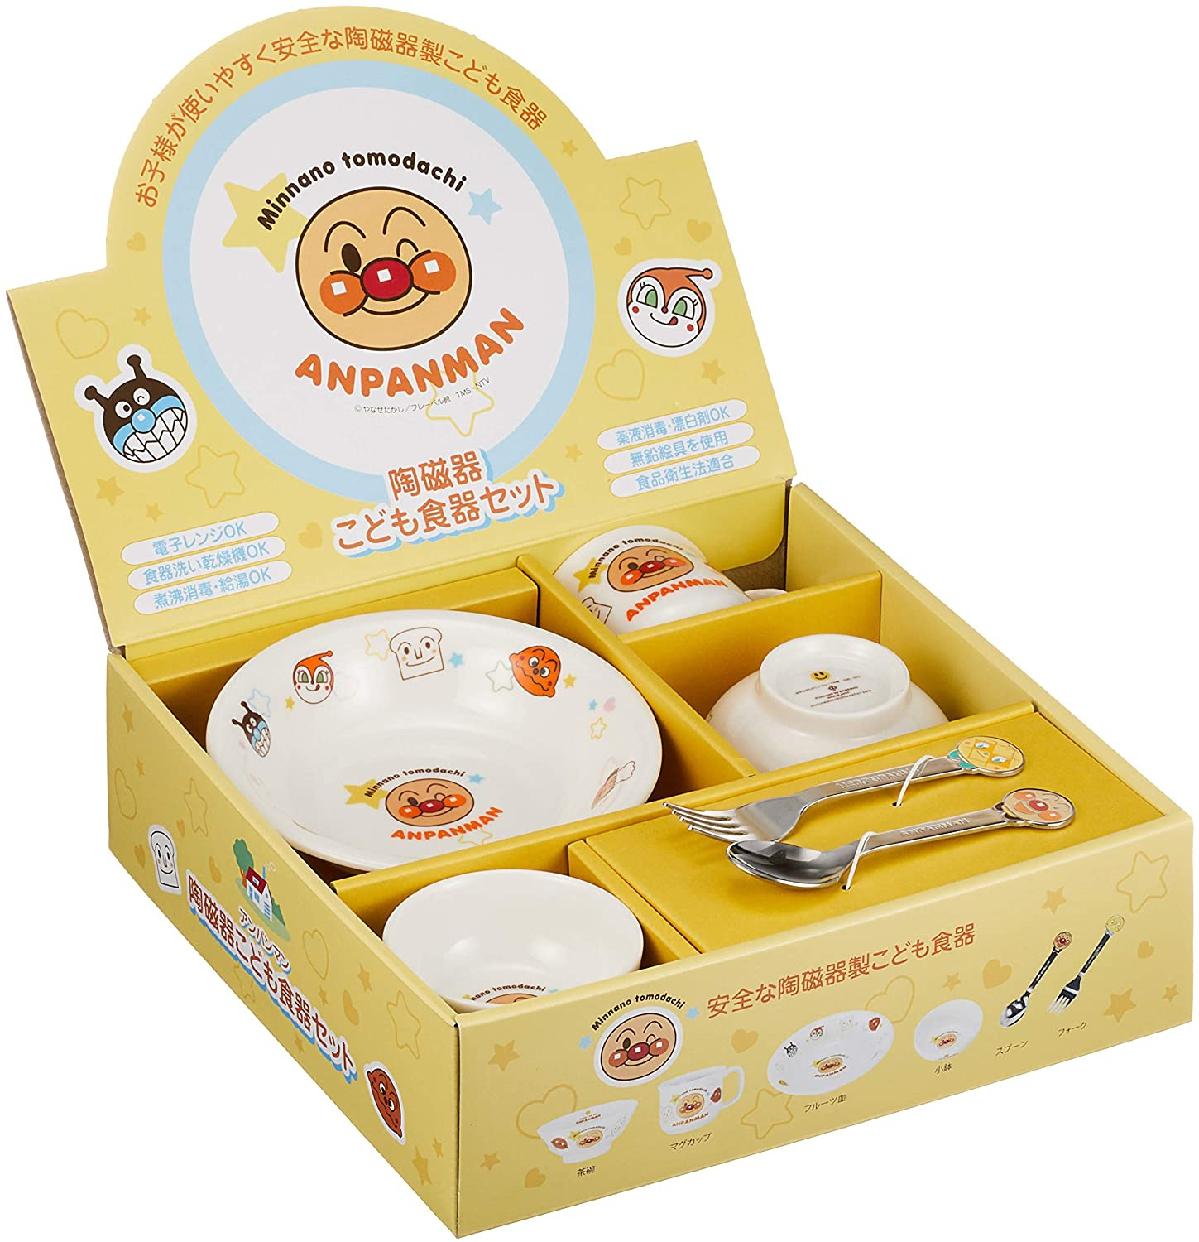 金正陶器 それいけ!アンパンマン お子様食器ギフトセット M 074740 白の商品画像